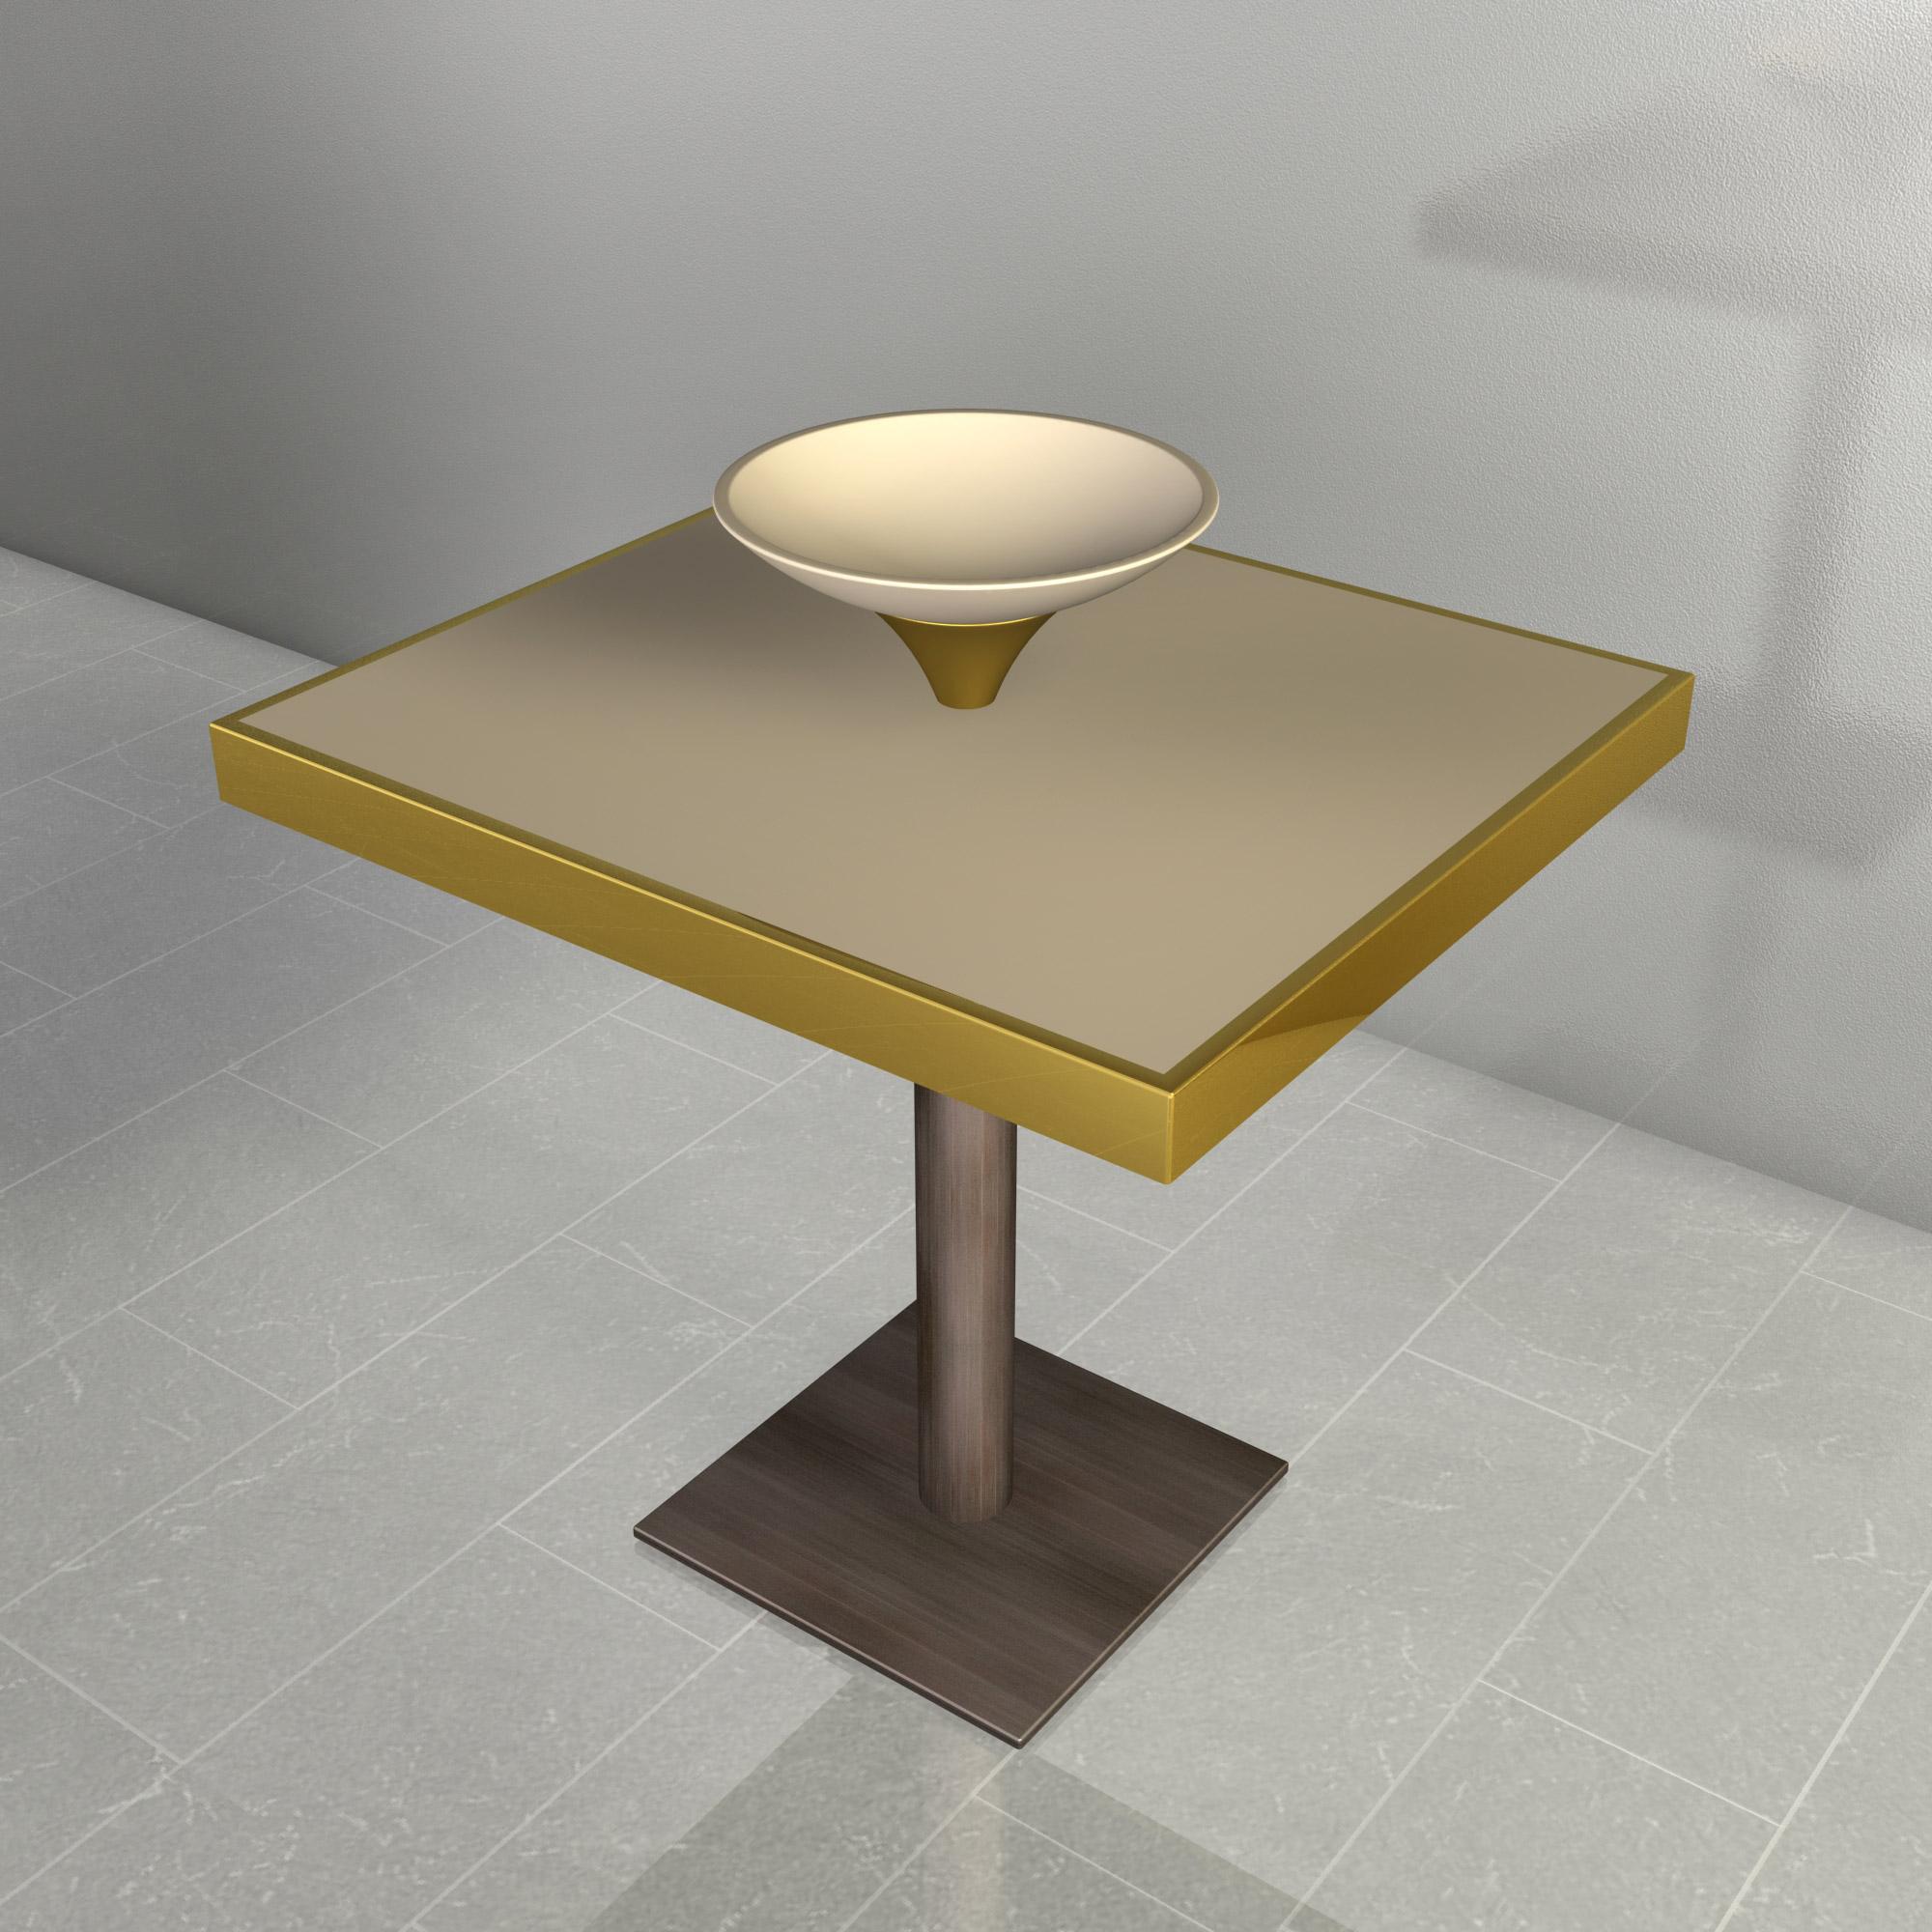 Progettazione tavolo per ristorante – Valona (Albania)